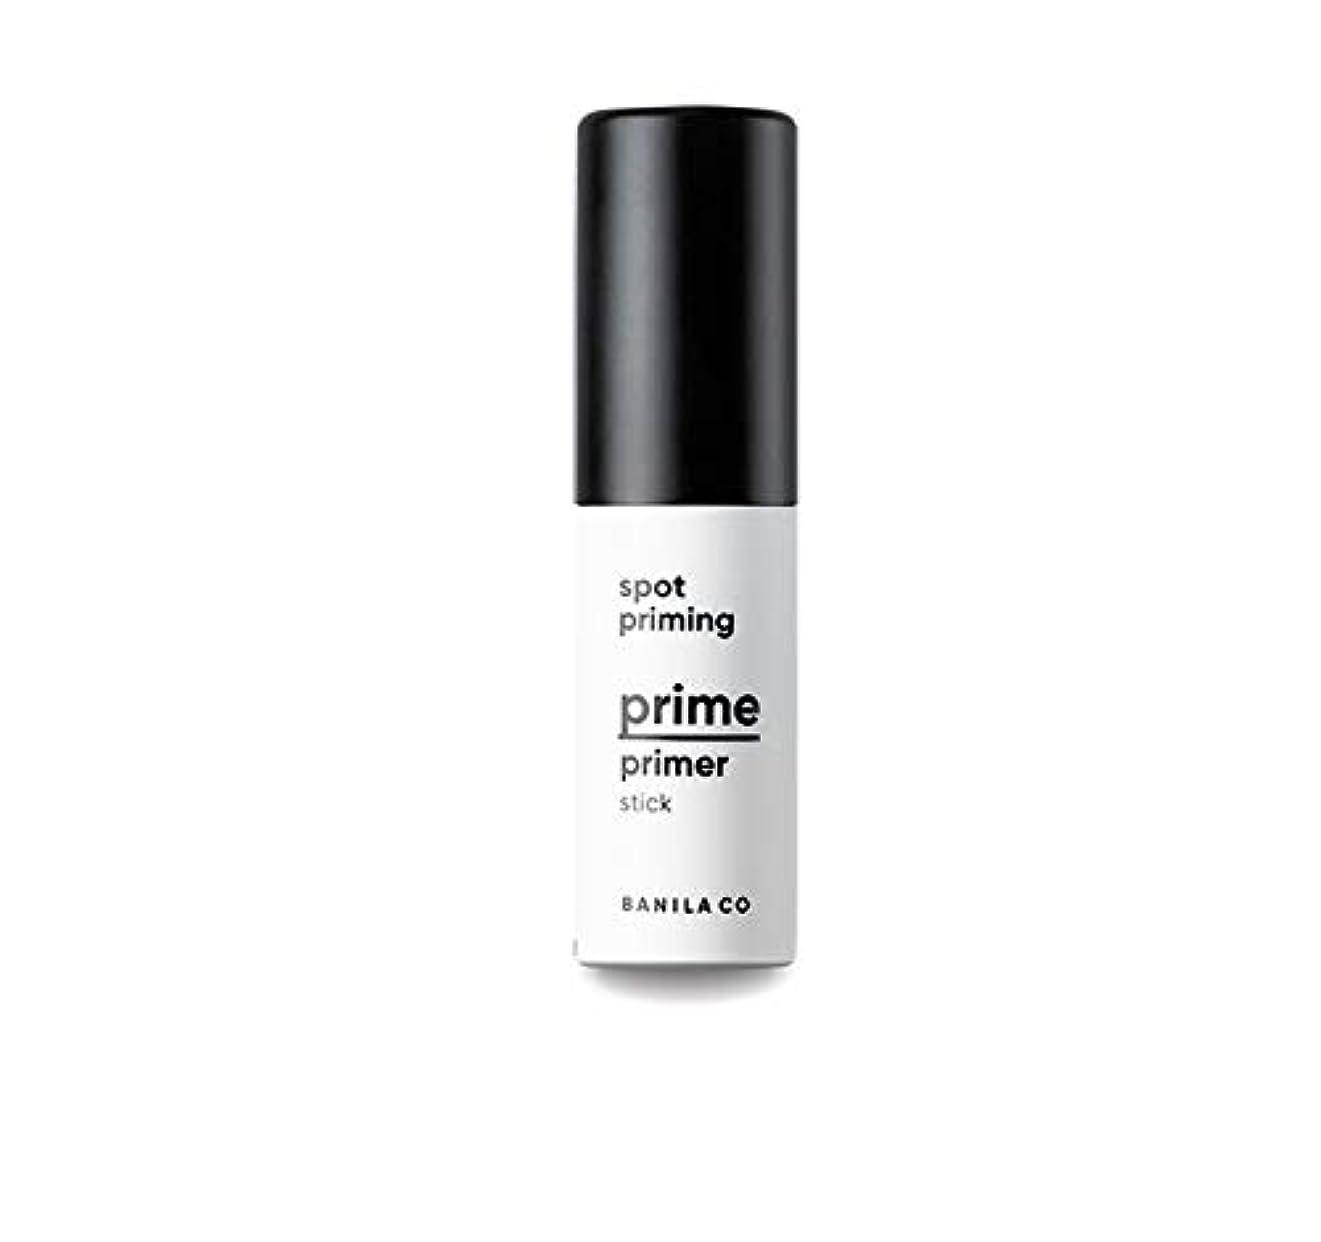 賢明な輝度反動banilaco プライムプライマースティック/Prime Primer Stick 9g [並行輸入品]